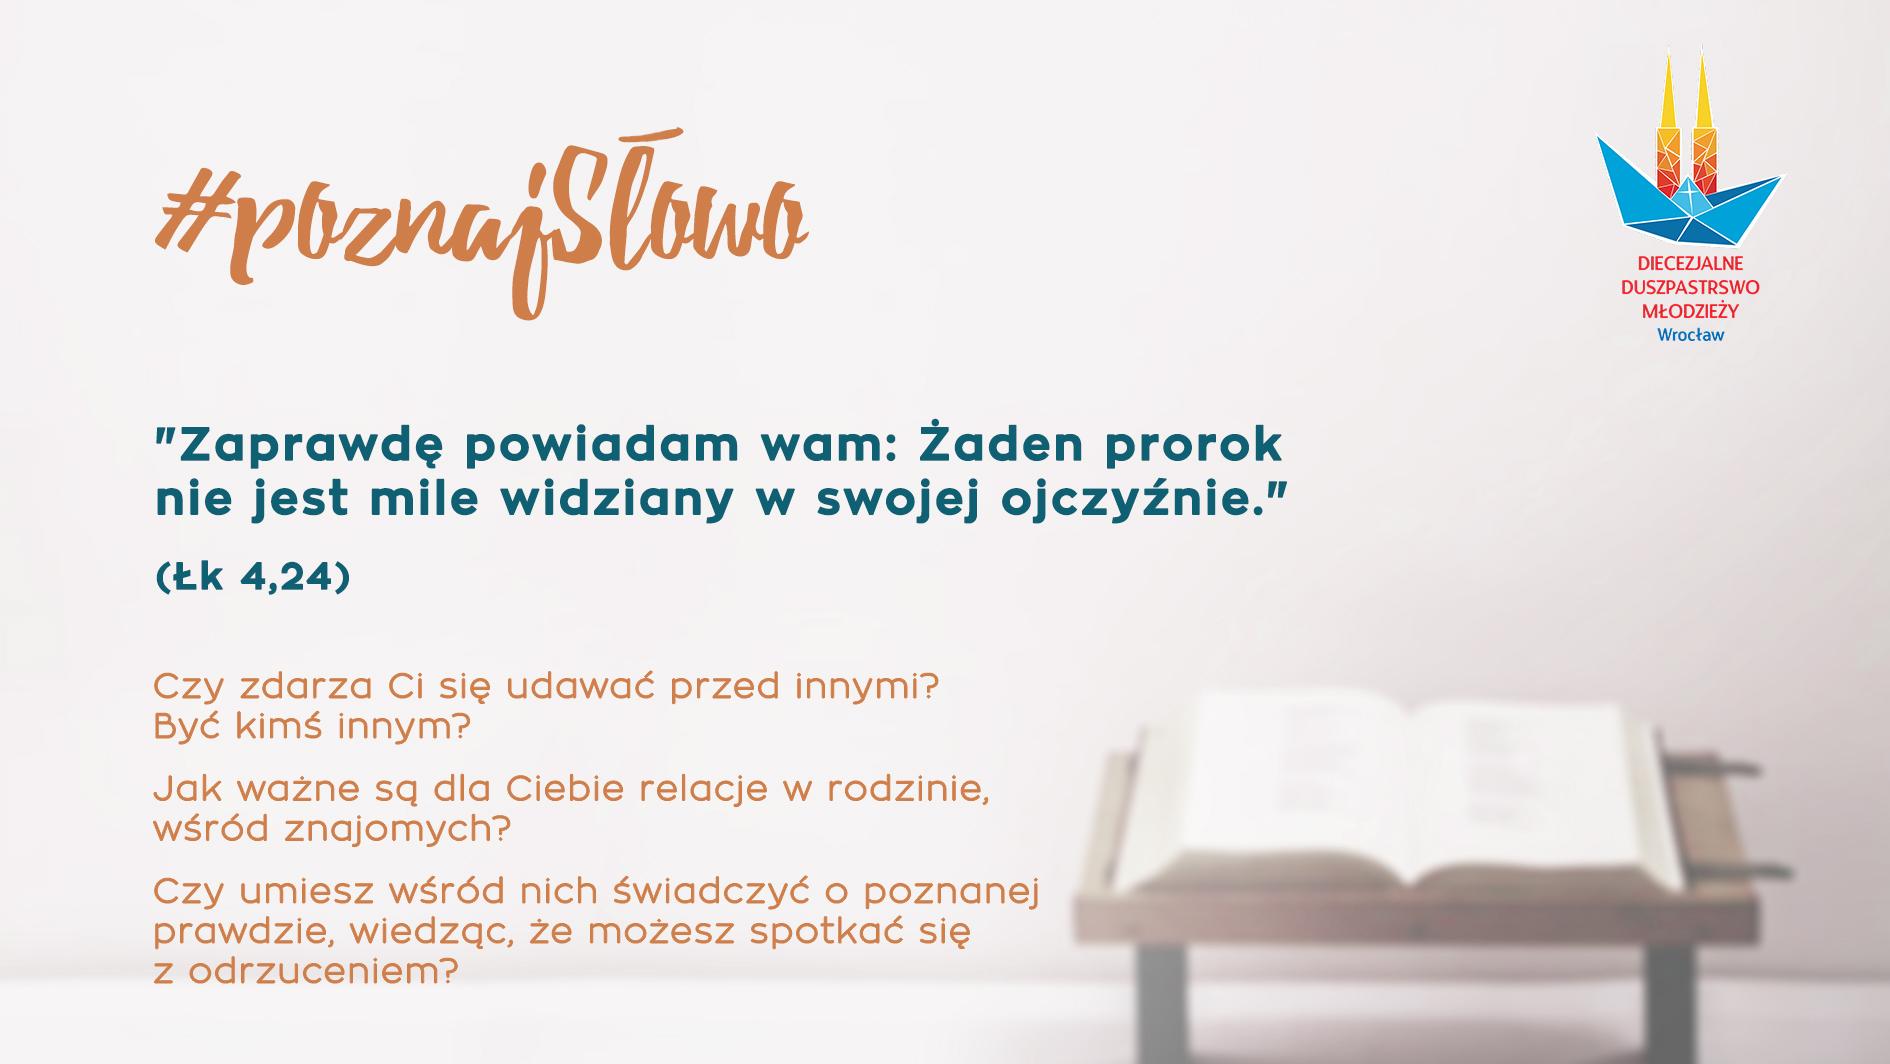 9. #poznajSłowo - Emilia Sujewicz - 3.02.19